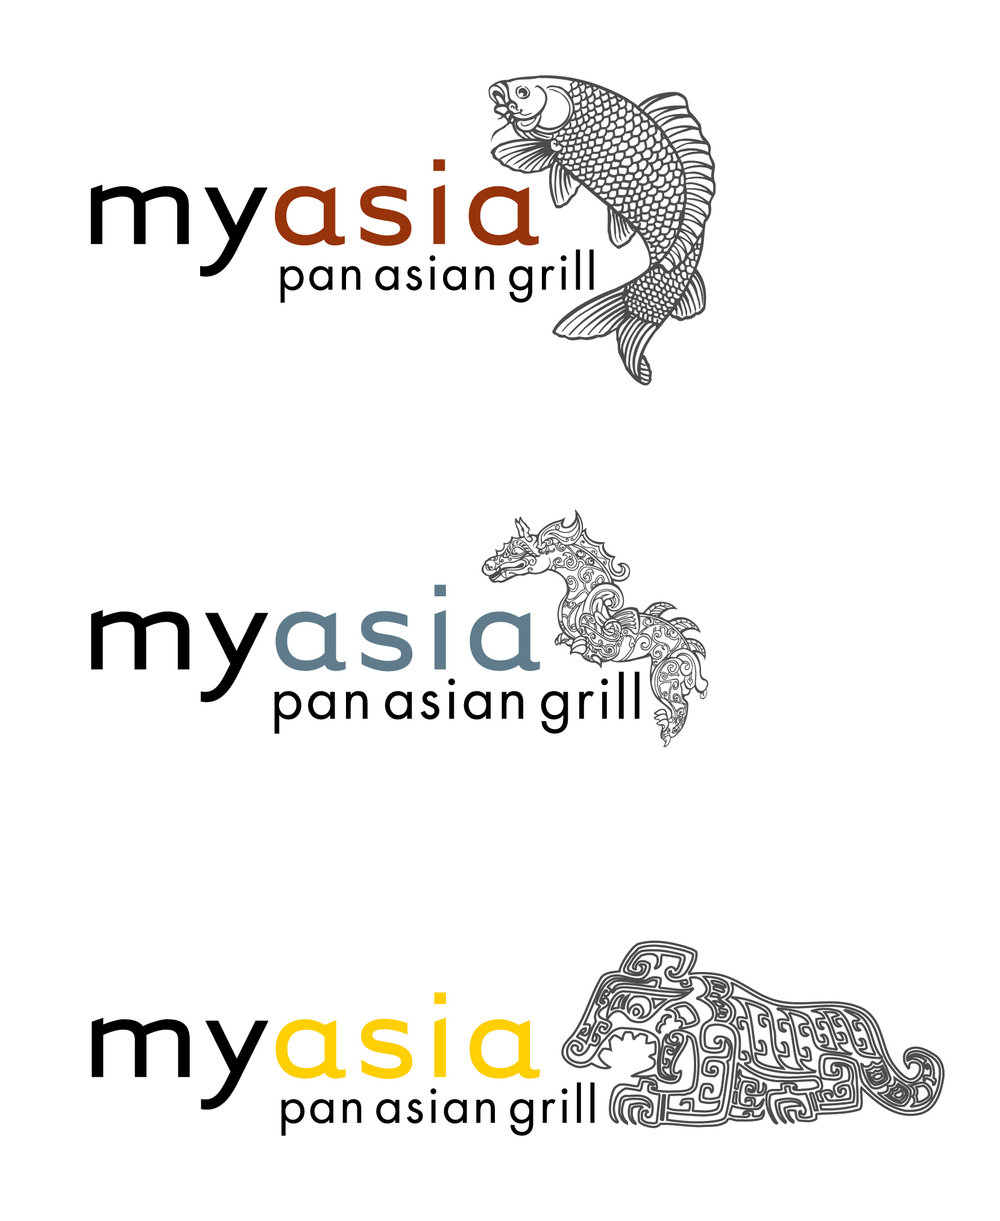 MyasiaLogos1b.jpg